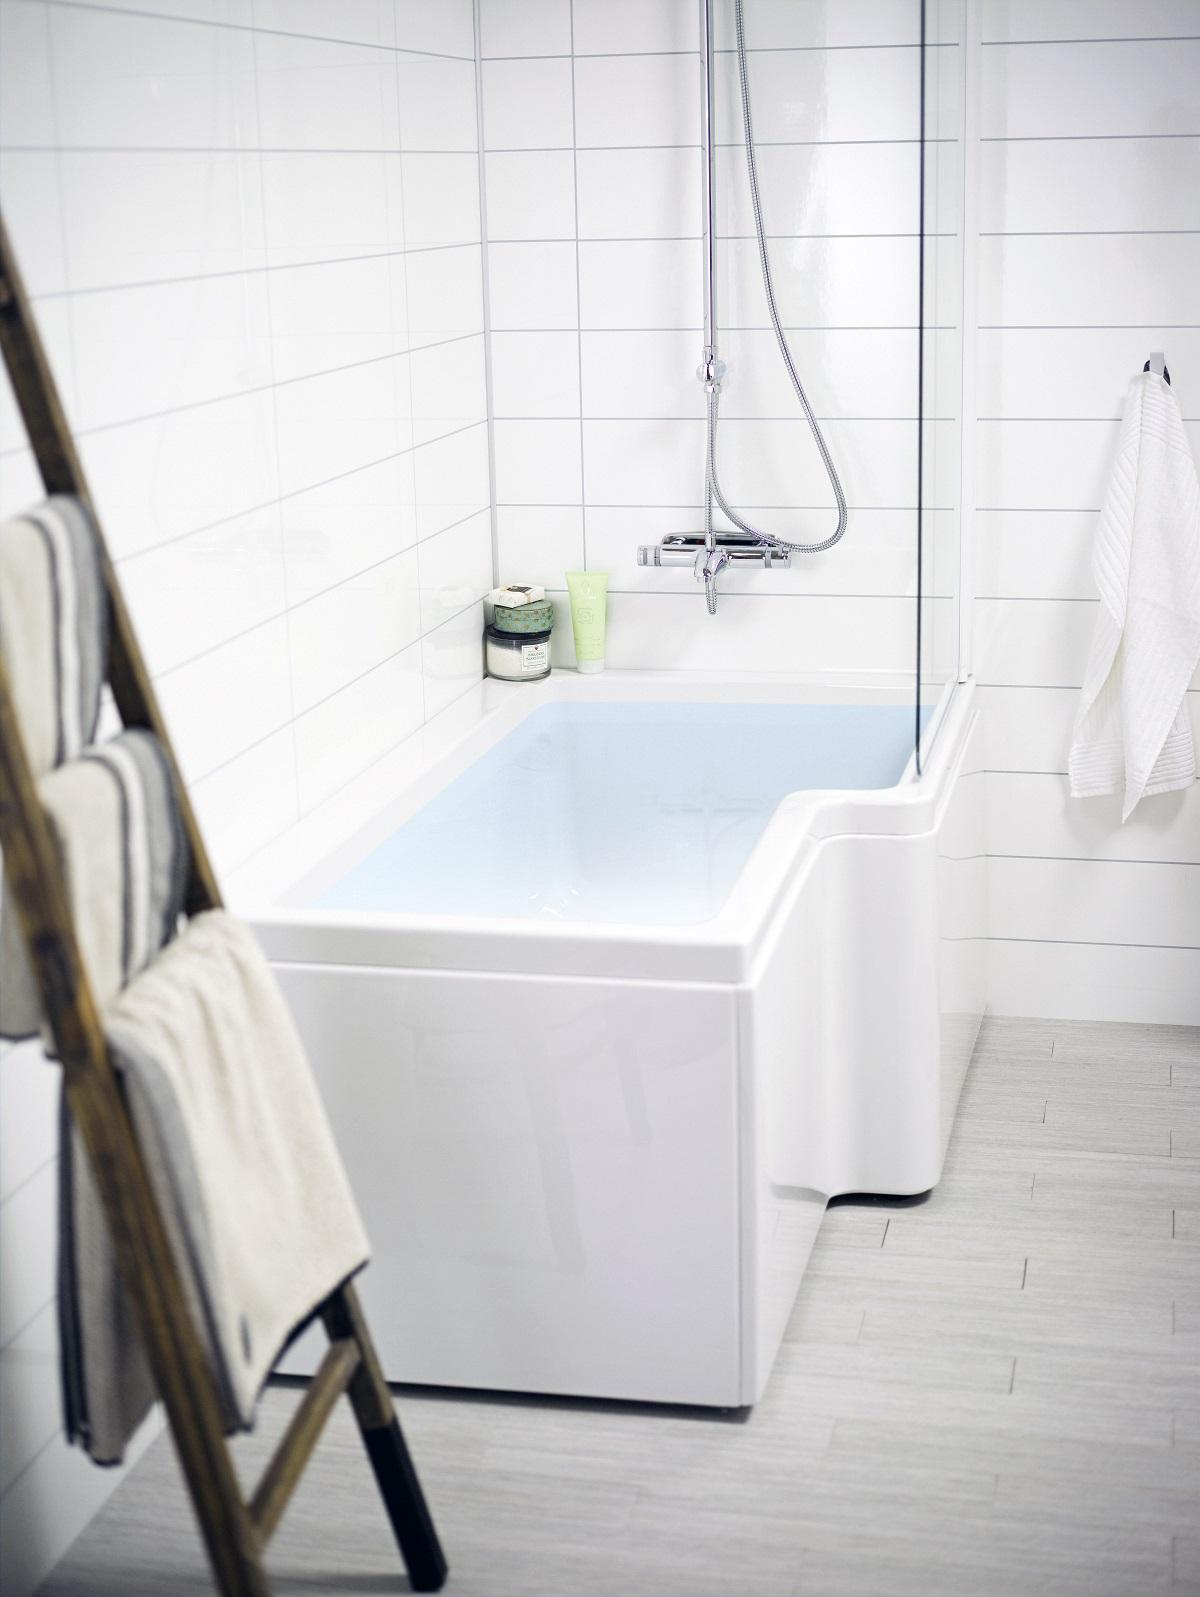 Badkar badkar med dörr : Duschbadkar Svedbergs Z150 - Badkar - Badkar - Badrum